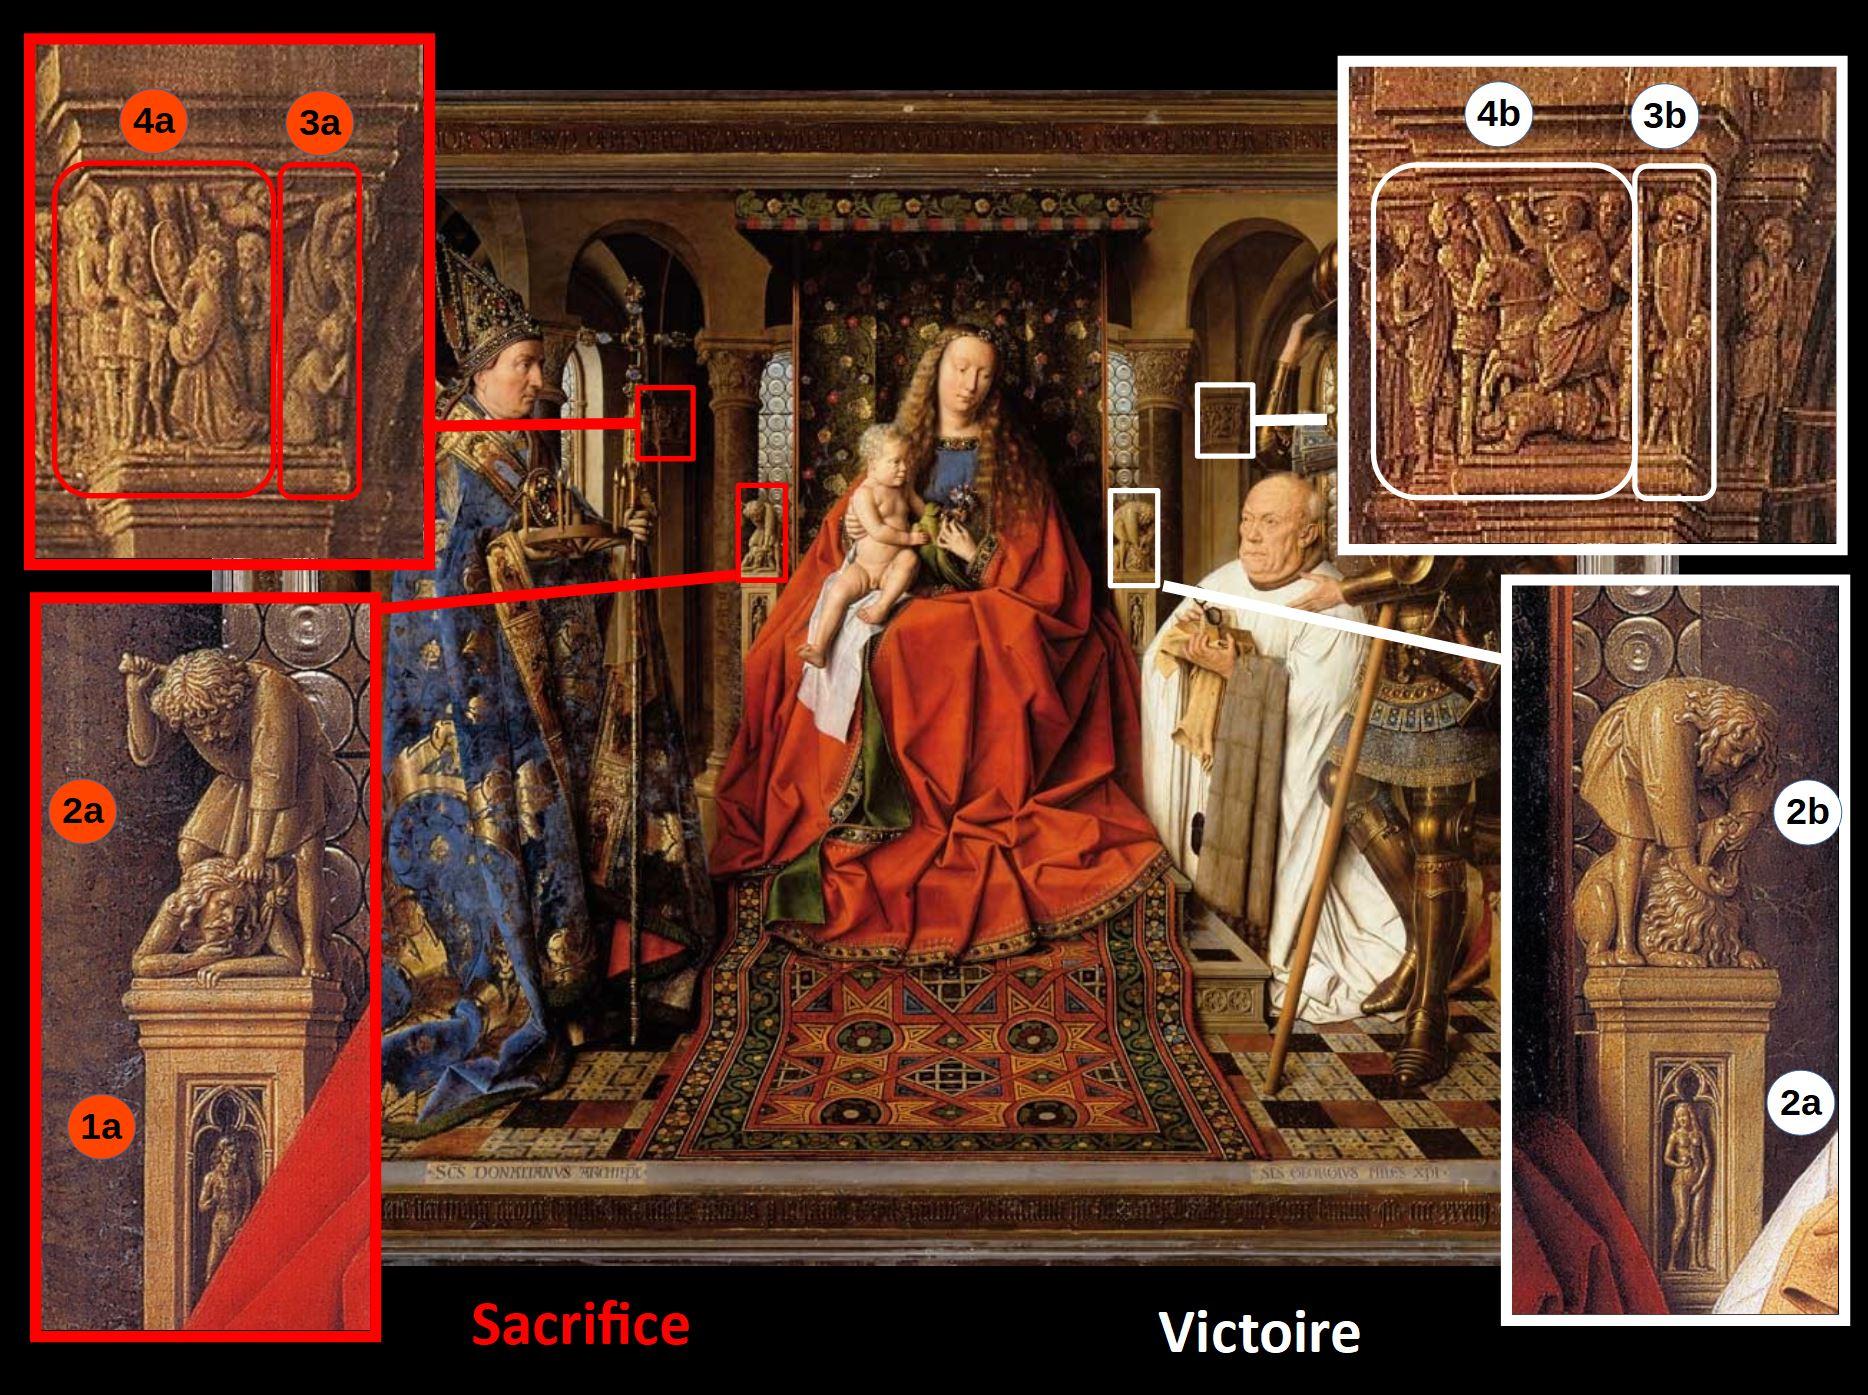 1434-36 Van Eyck La_Madone_au_Chanoine_Van_der_Paele Groeningemuseum, Bruges schema ensemble